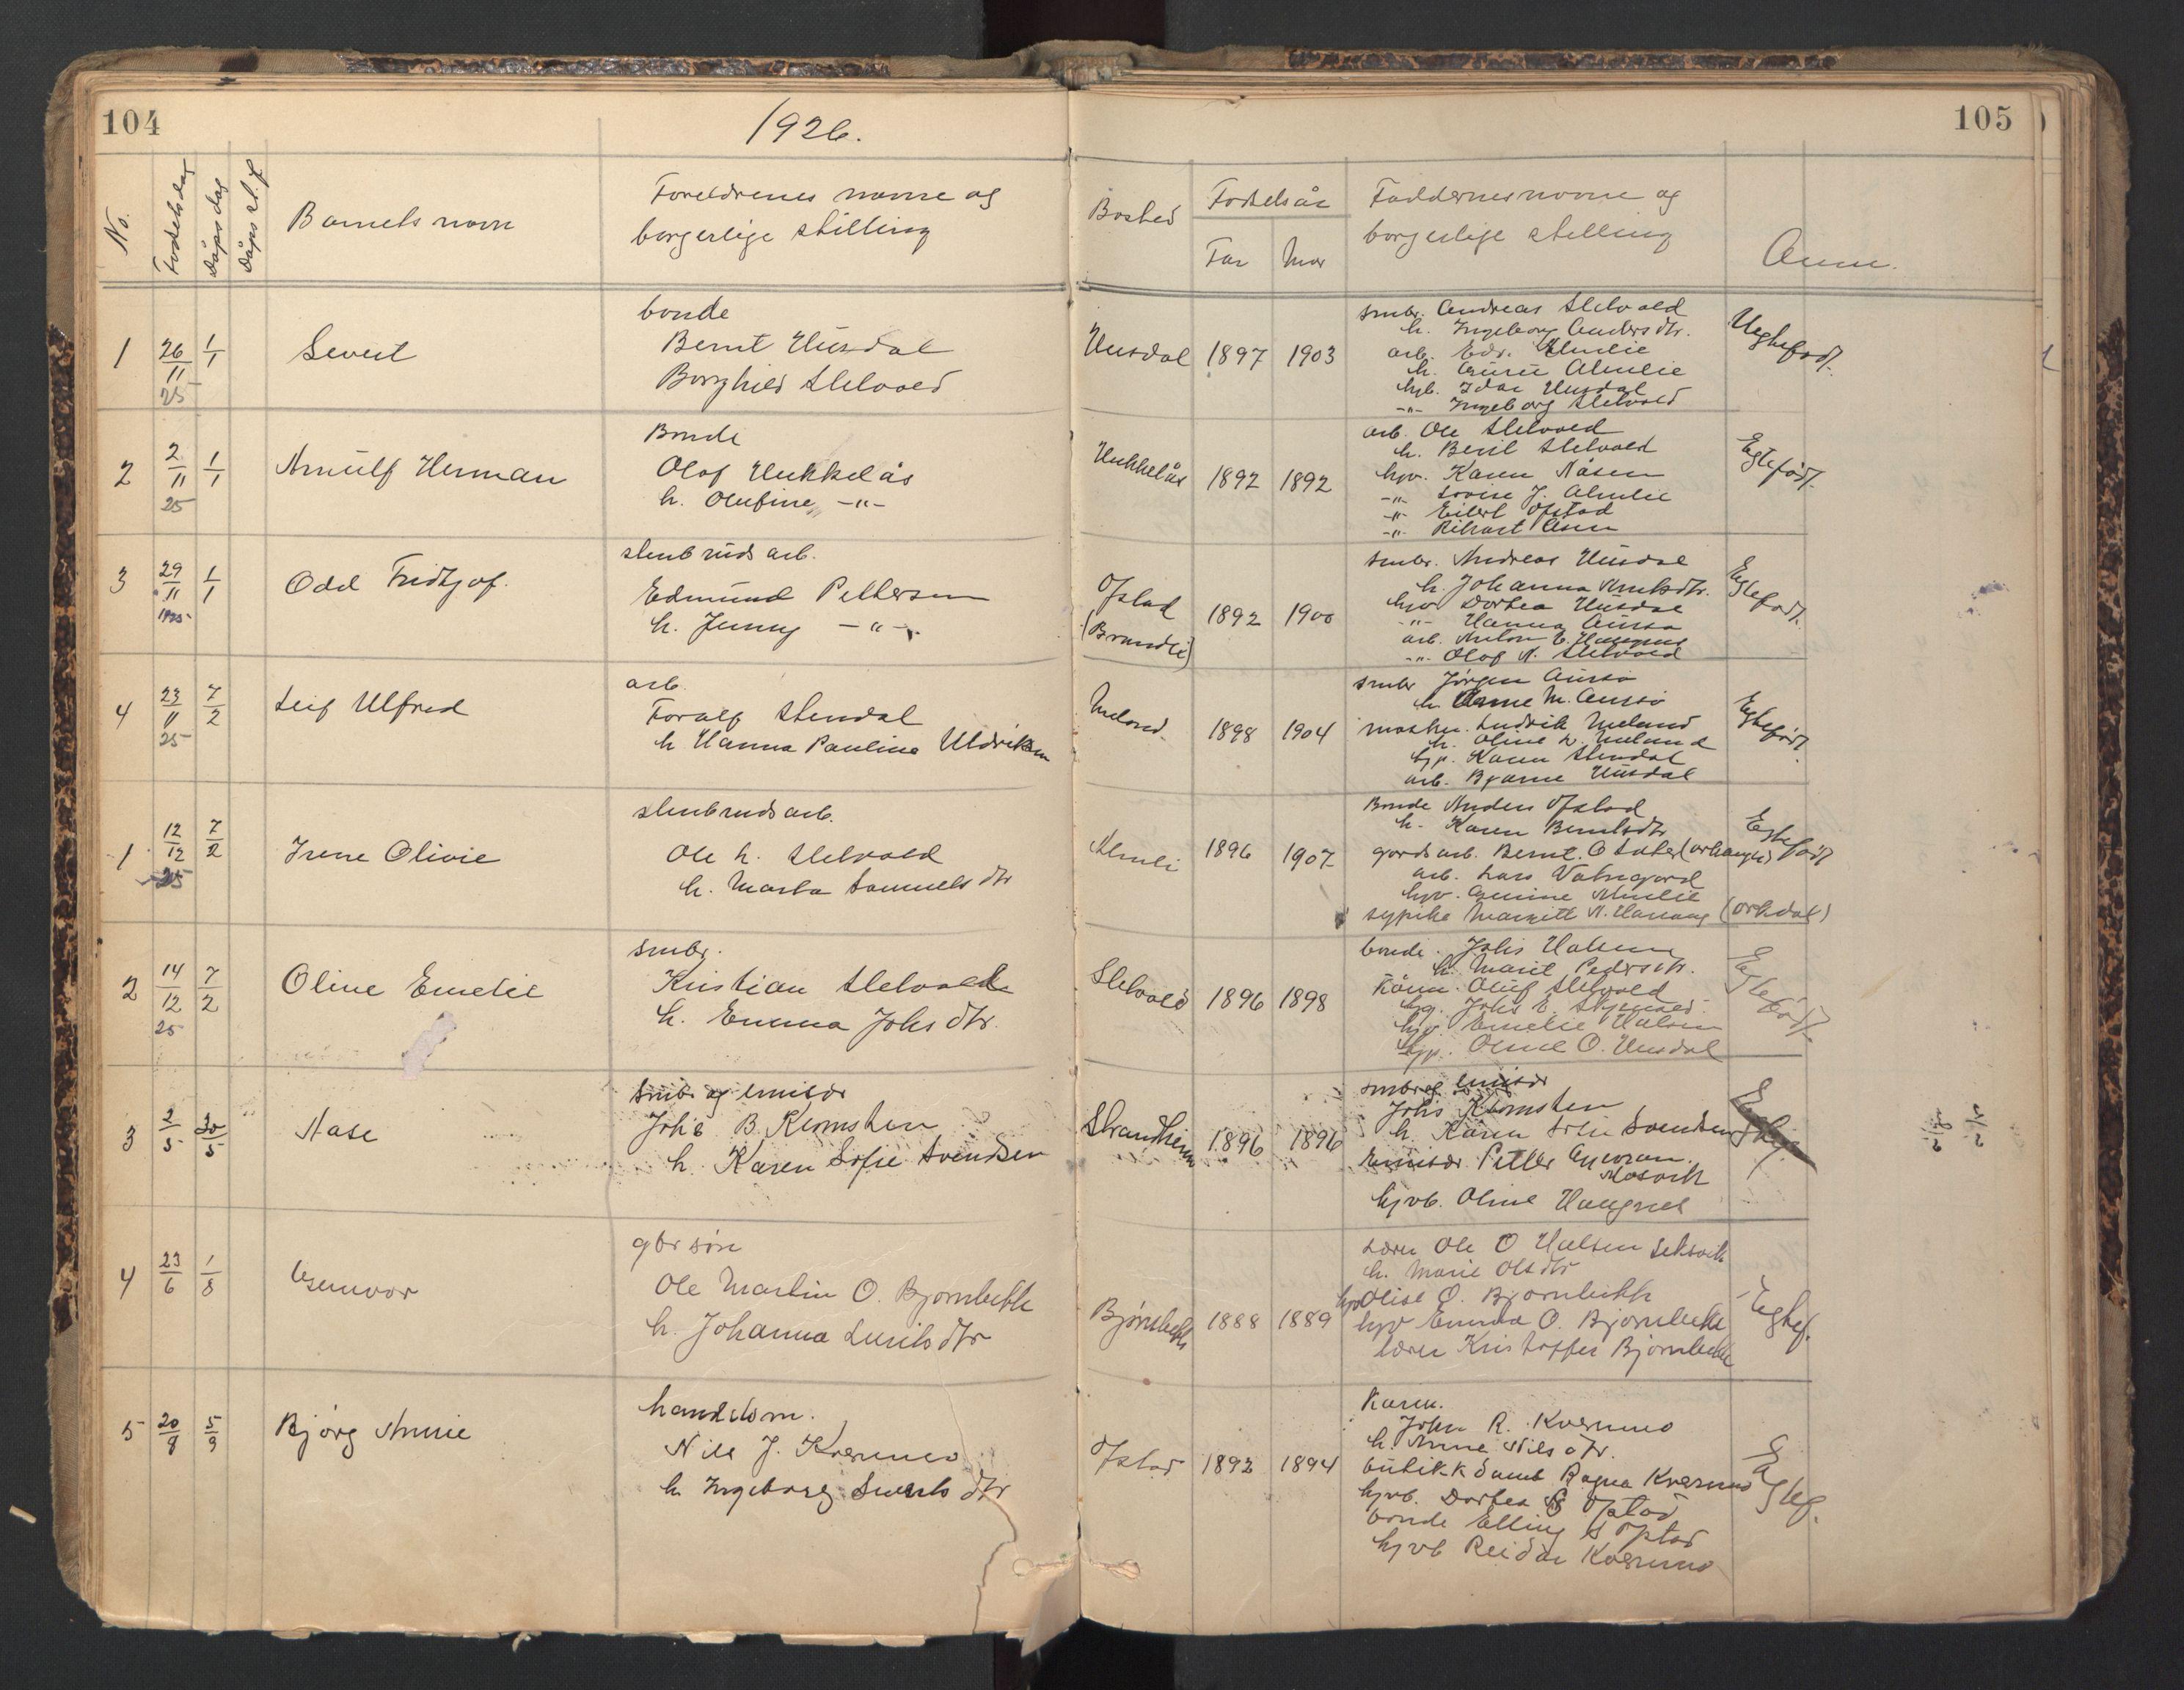 SAT, Ministerialprotokoller, klokkerbøker og fødselsregistre - Sør-Trøndelag, 670/L0837: Klokkerbok nr. 670C01, 1905-1946, s. 104-105